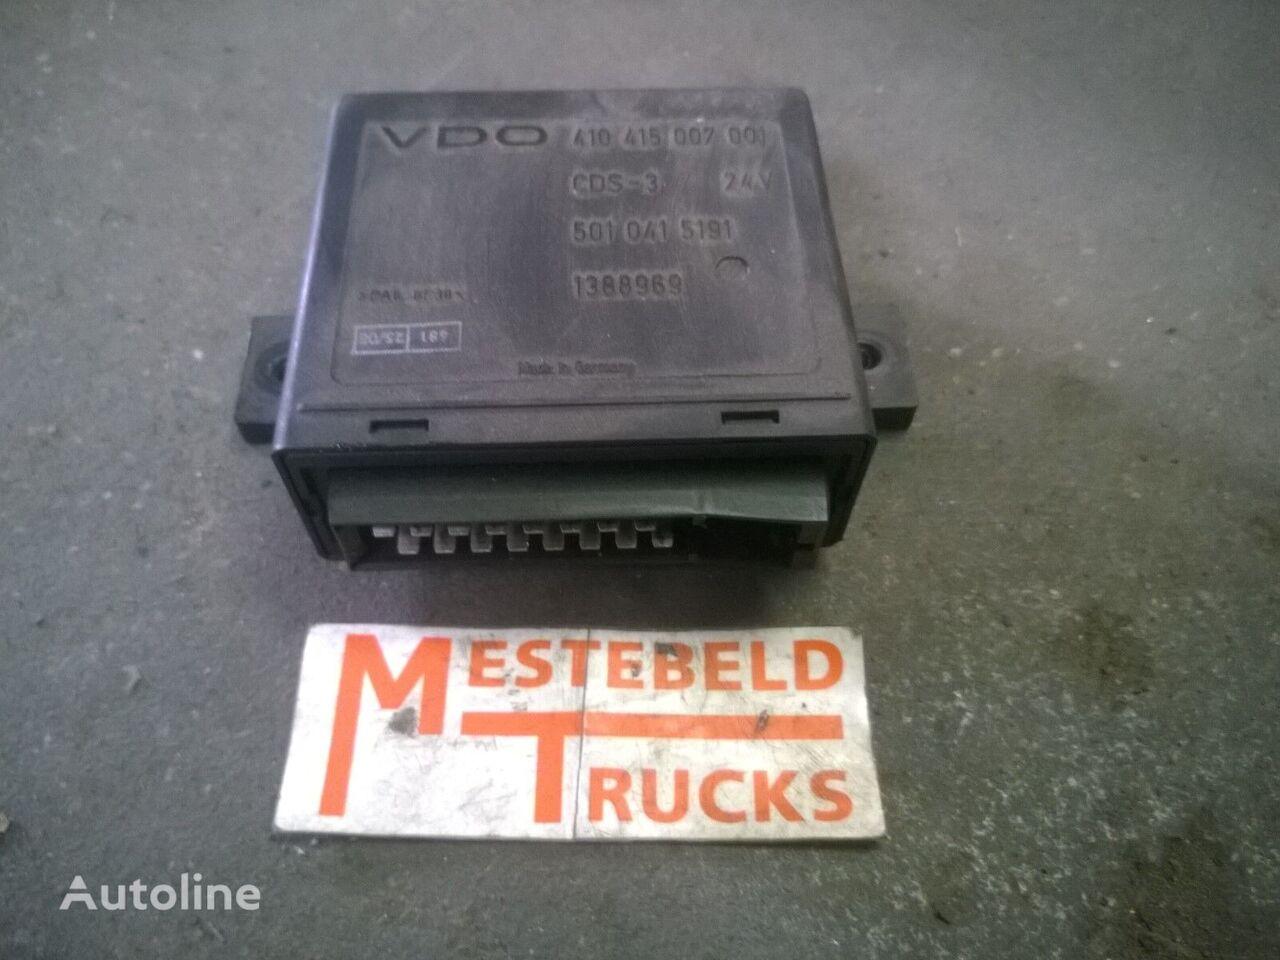 DAF Stuurkast centrale portiervergrendeling unidad de control para DAF CF camión